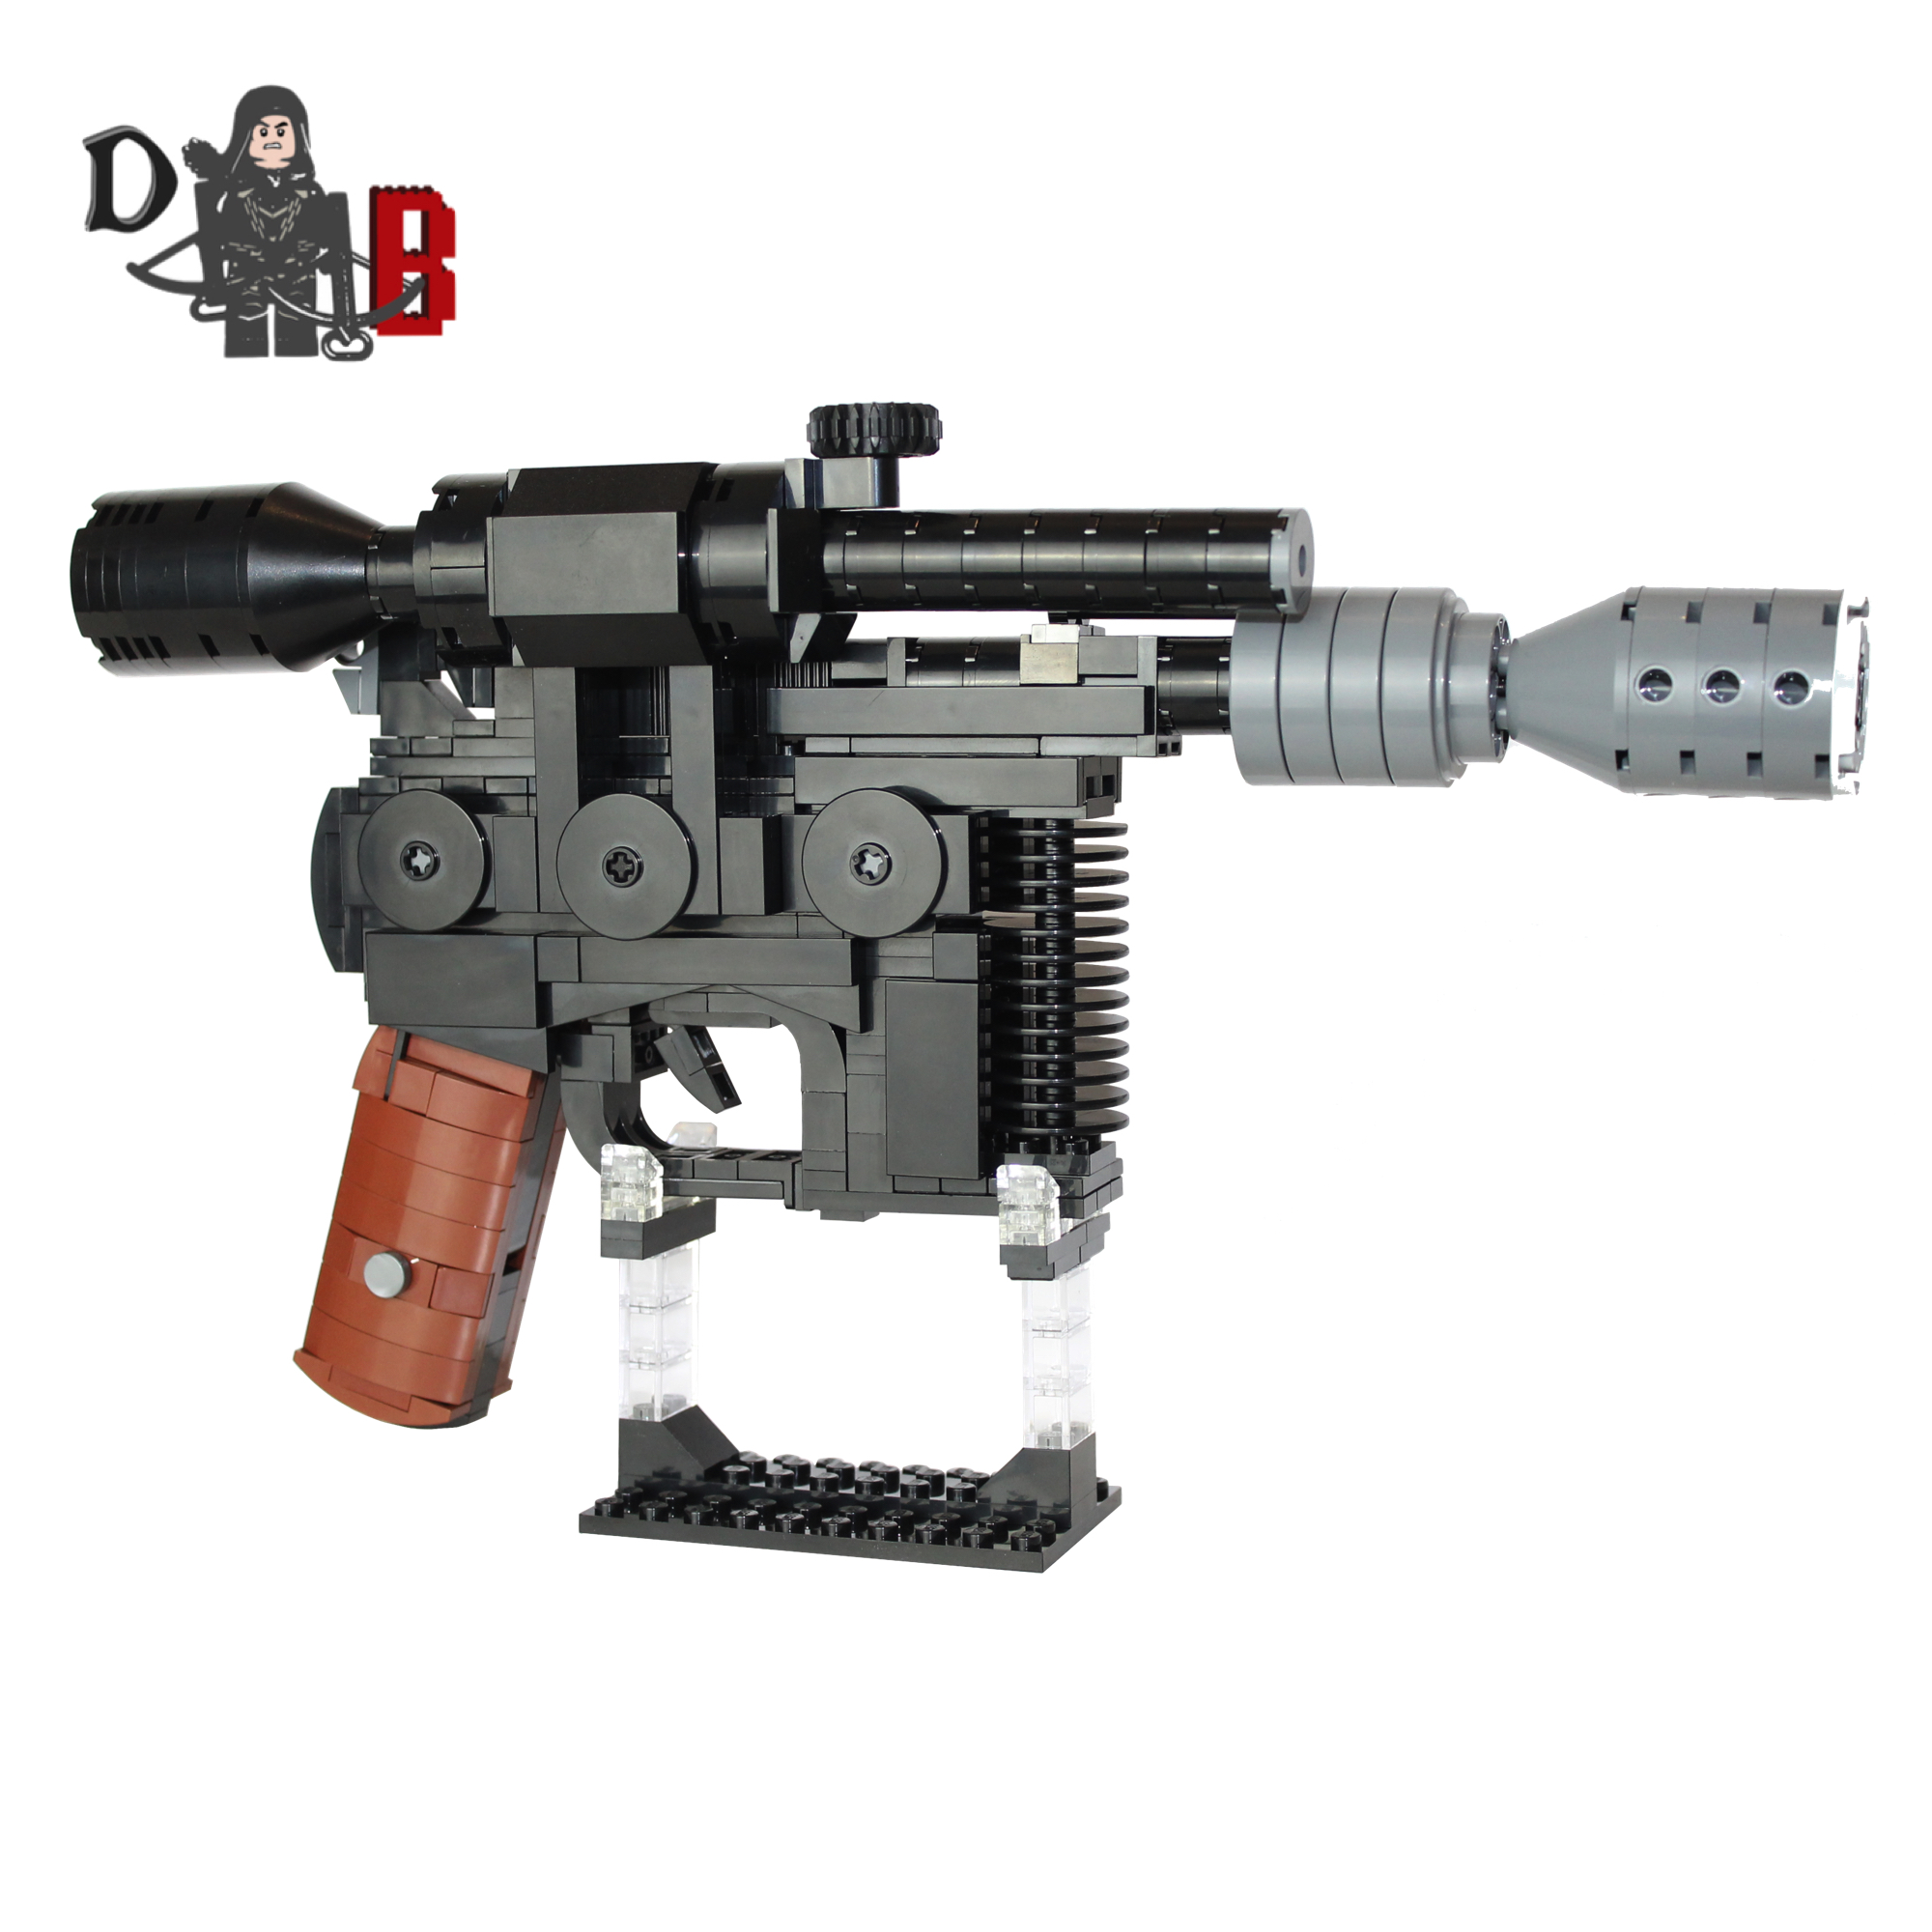 Han Solo S Dl 44 Heavy Blaster Pistol Demonhunter Bricks